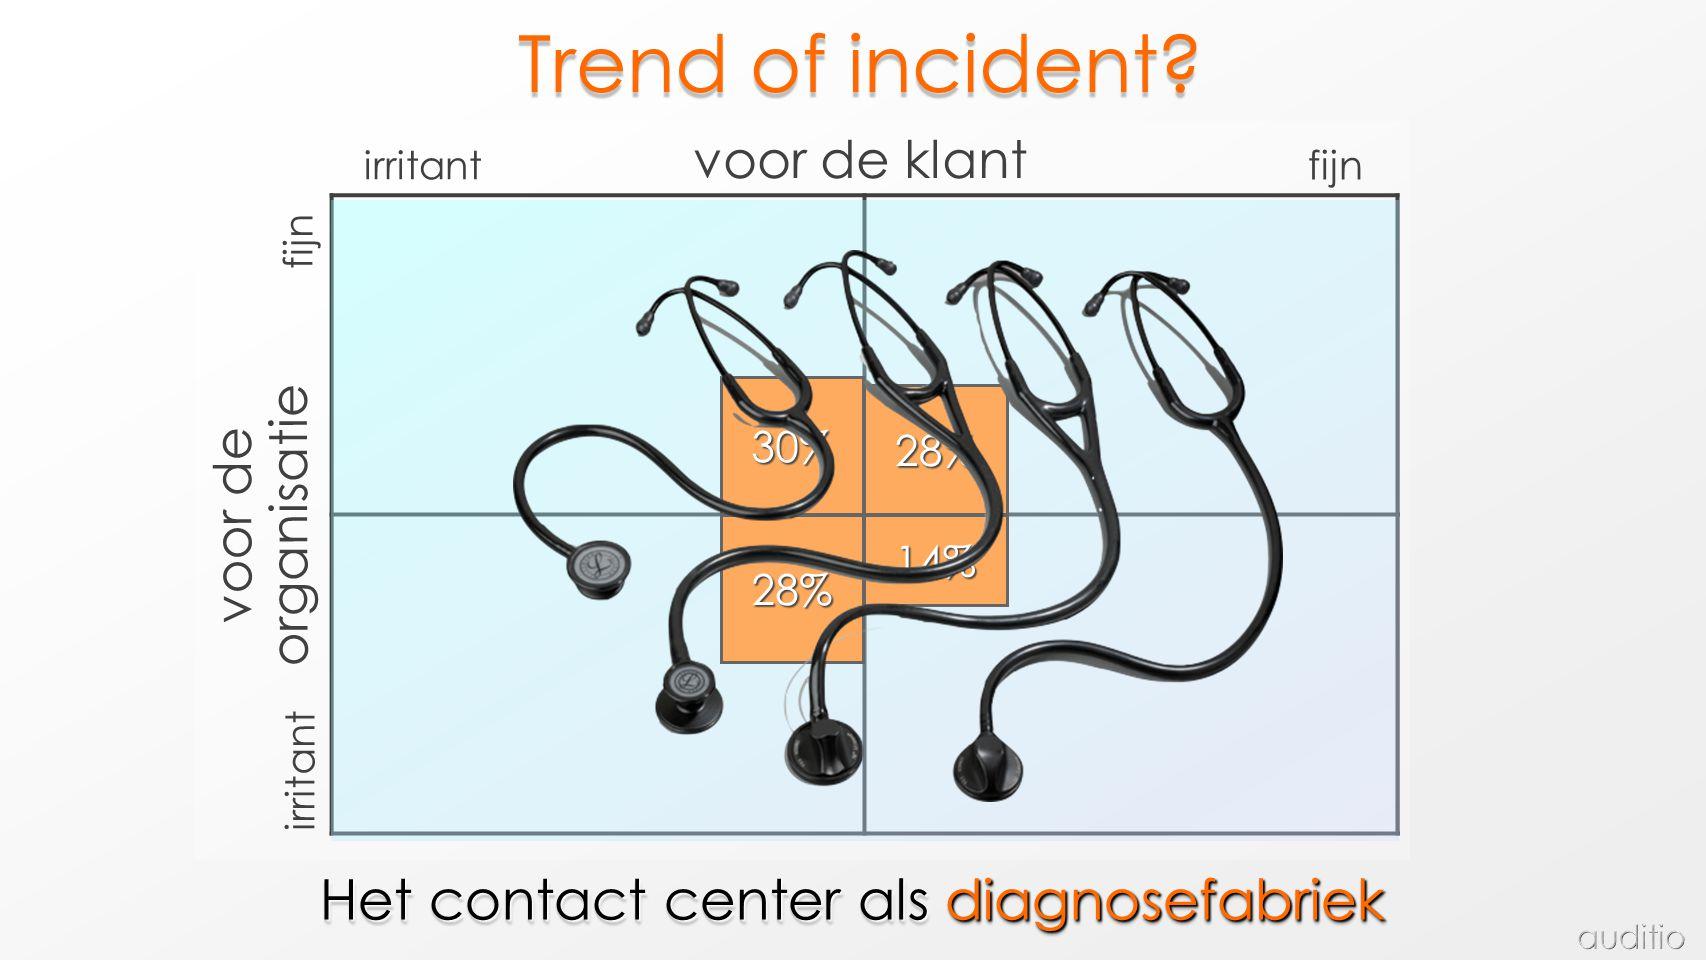 fijn irritant voor de organisatie fijn irritant voor de klant 30% 14% 28% 28% Het contact center als diagnosefabriek Trend of incident?